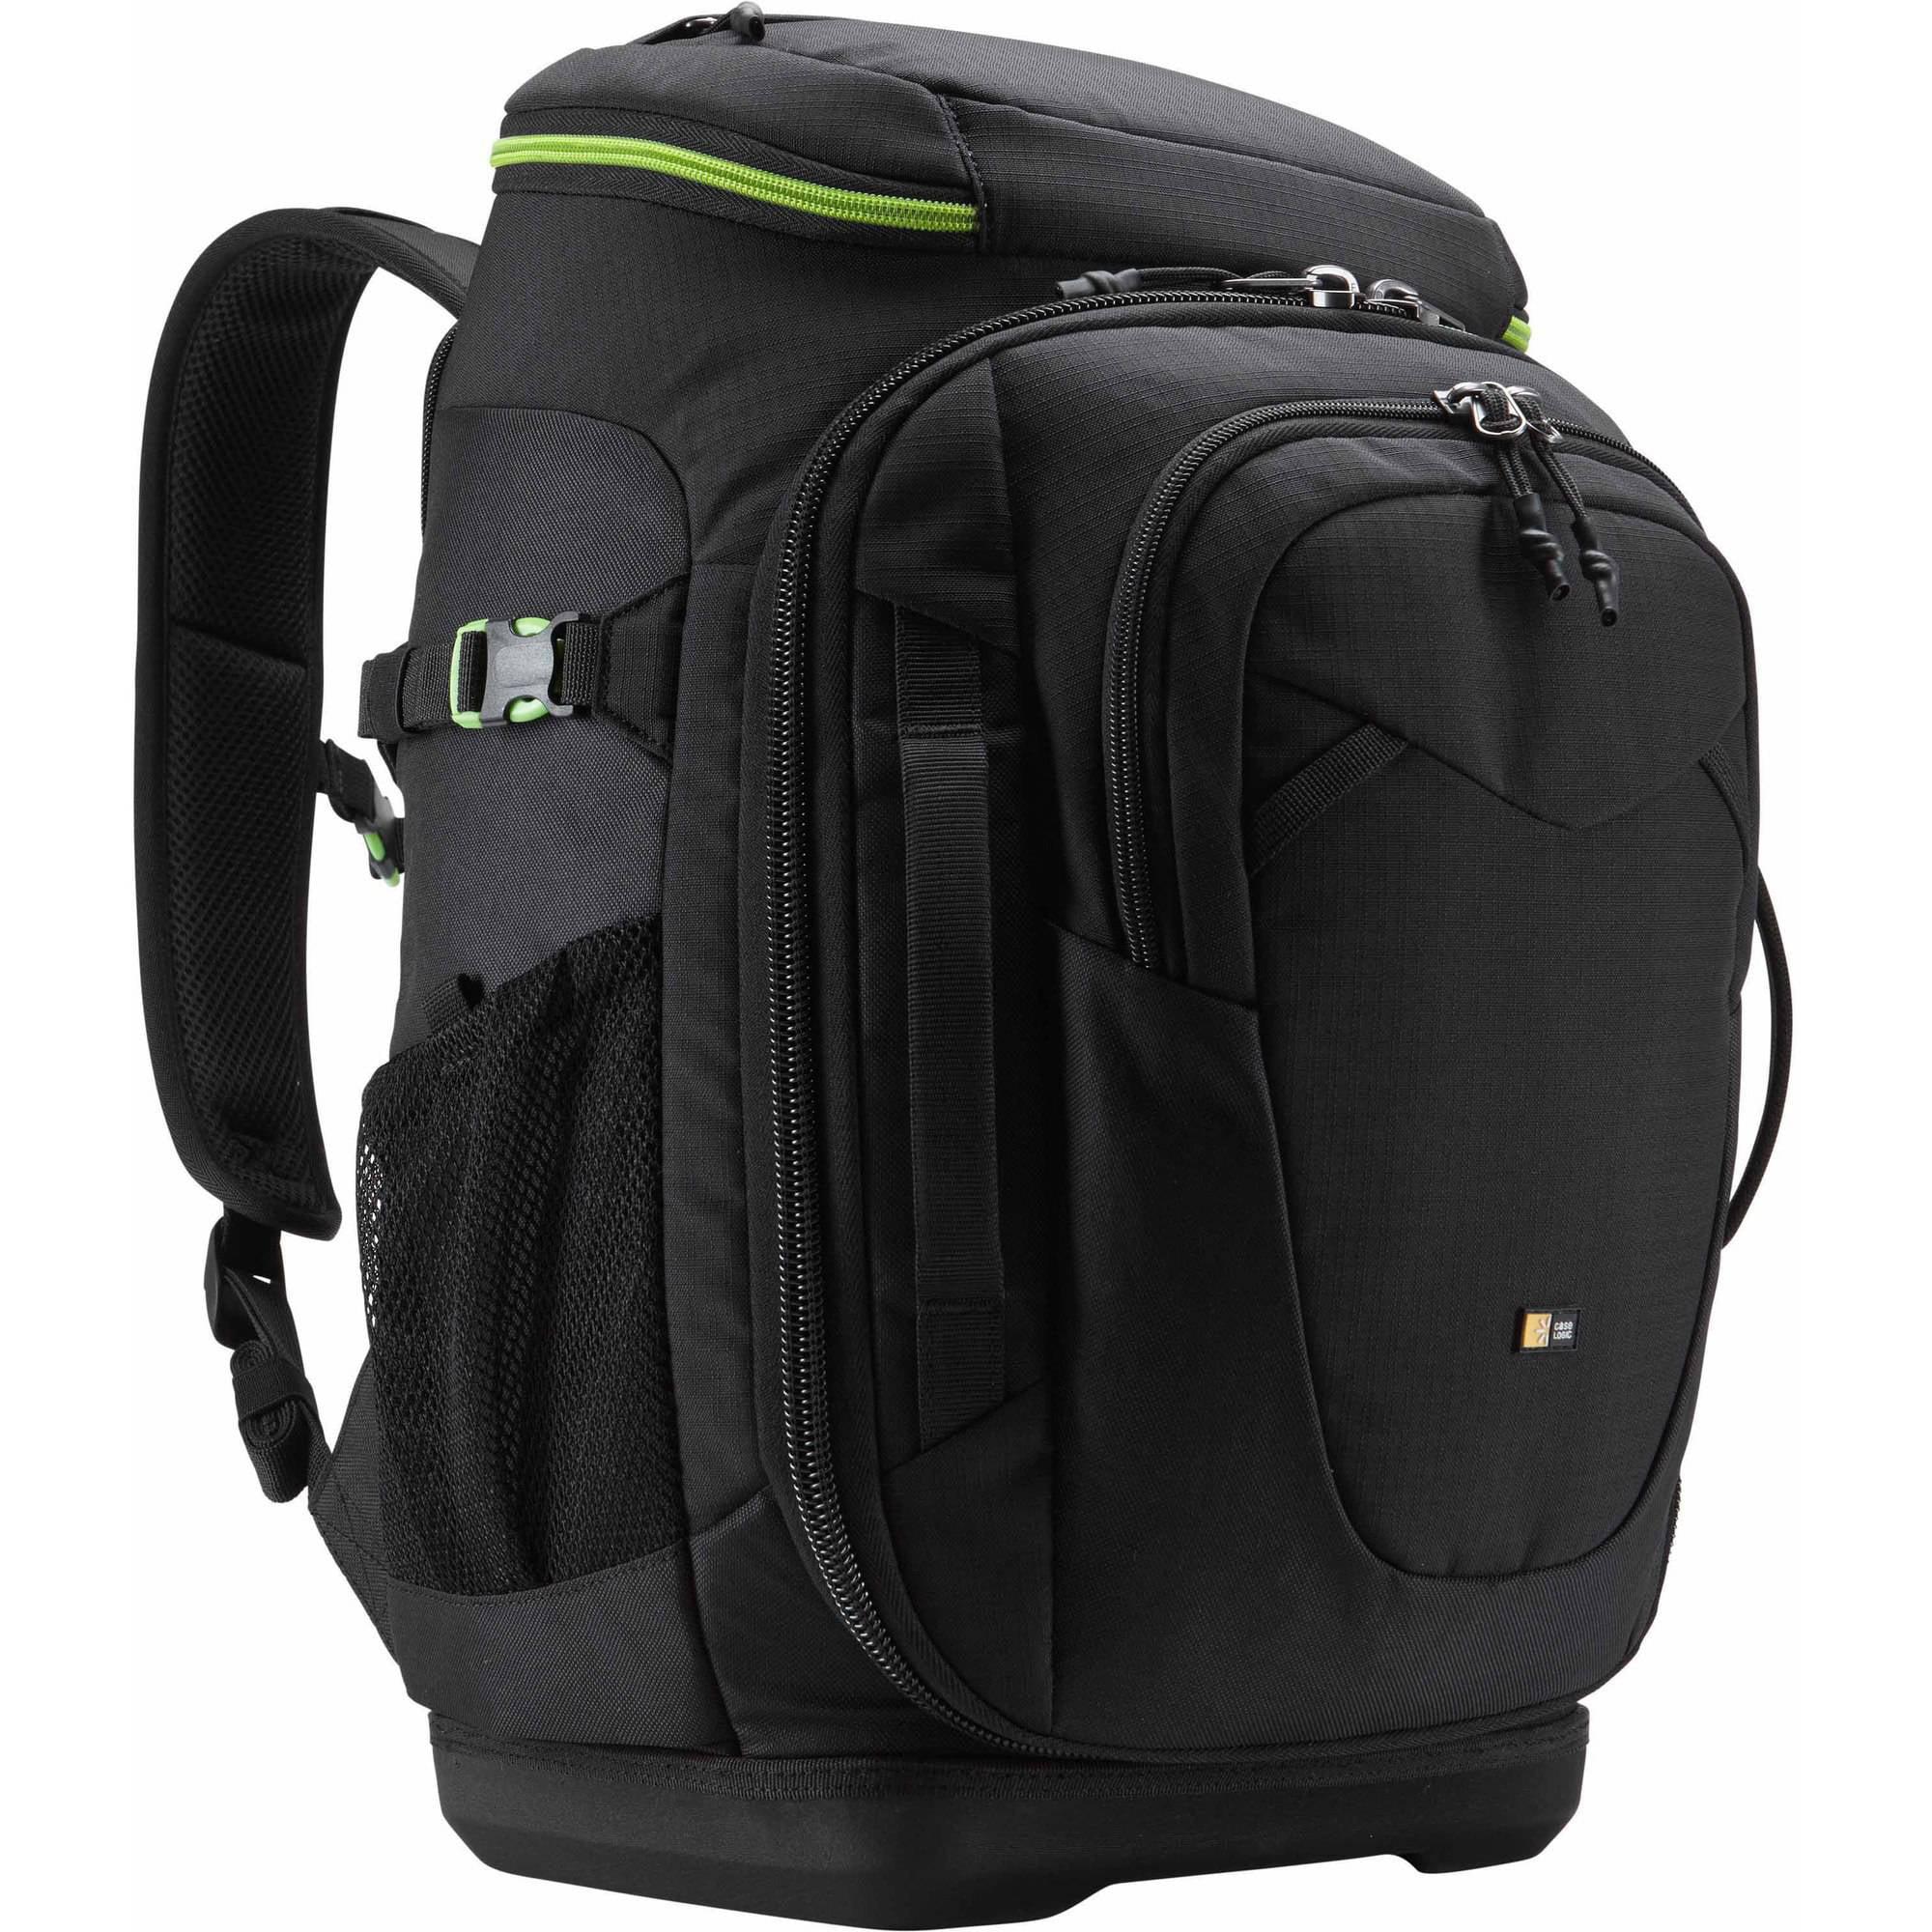 Case Logic Kdb101 Black Kontrast Pro Dslr Backpack by Case Logic